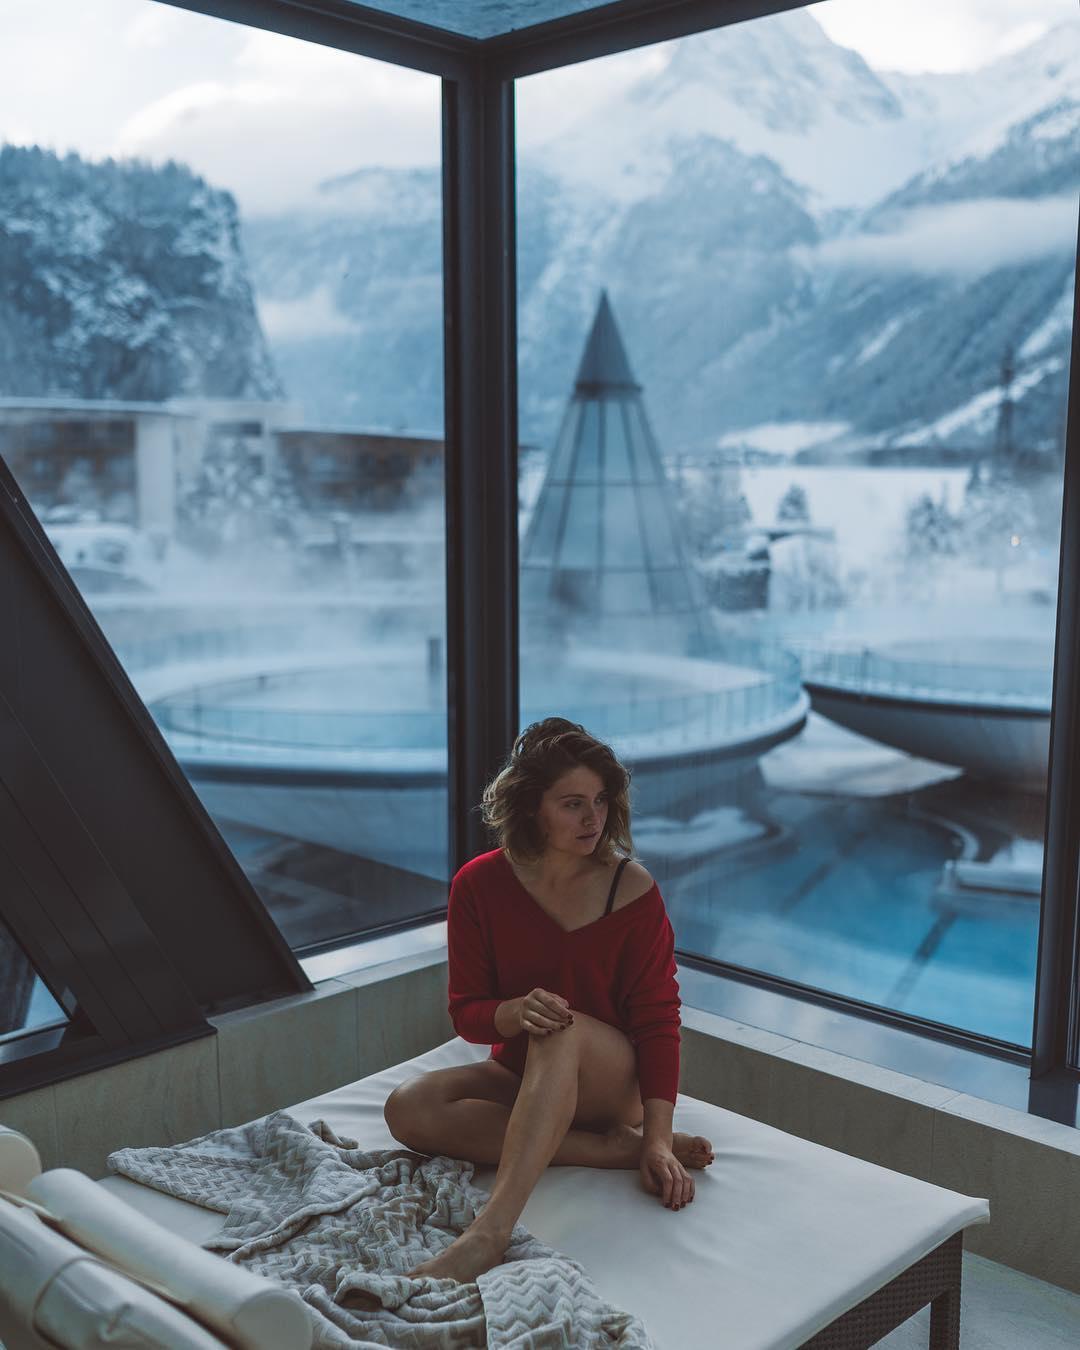 Замечательные фотографии из путешествий Кармен Хутер